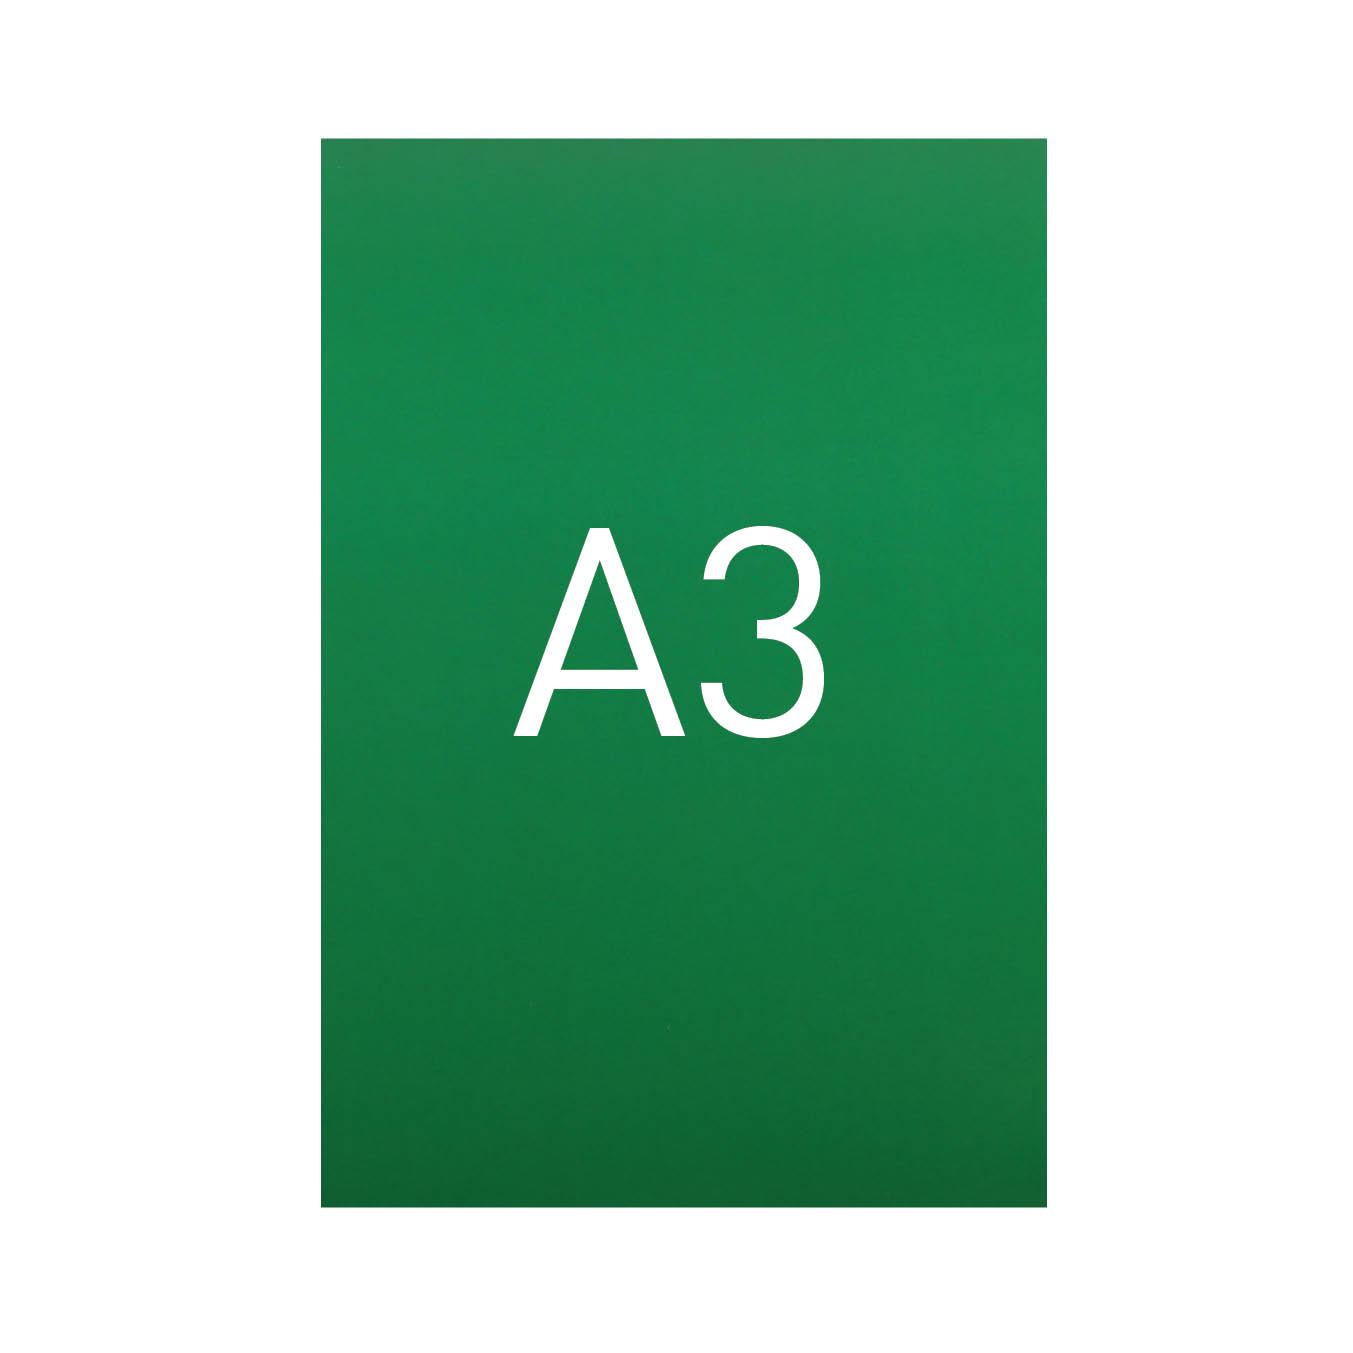 Miękka okładka kartonowa z połyskiem - O.EXCLUSIVE 420 x 297 mm (A3) - 100 arkuszy - zielony